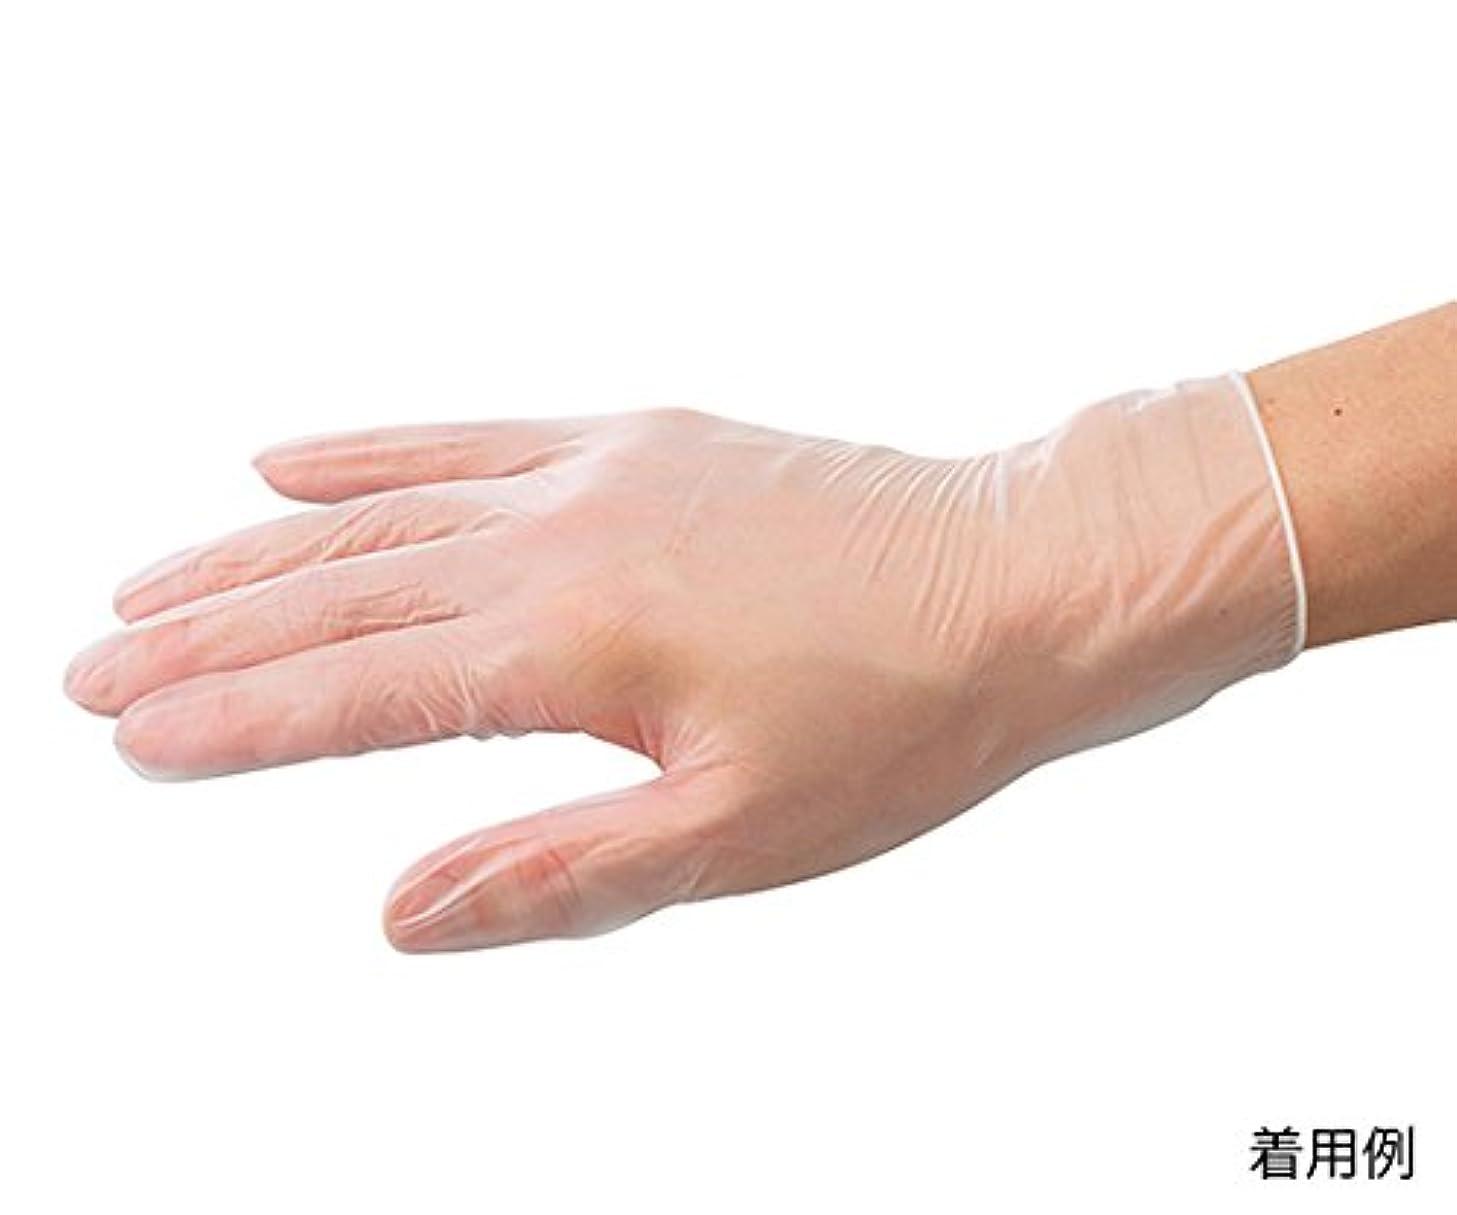 消費農場行列ARメディコム?インク?アジアリミテッド7-3726-01バイタルプラスチック手袋(パウダーフリー)S150枚入